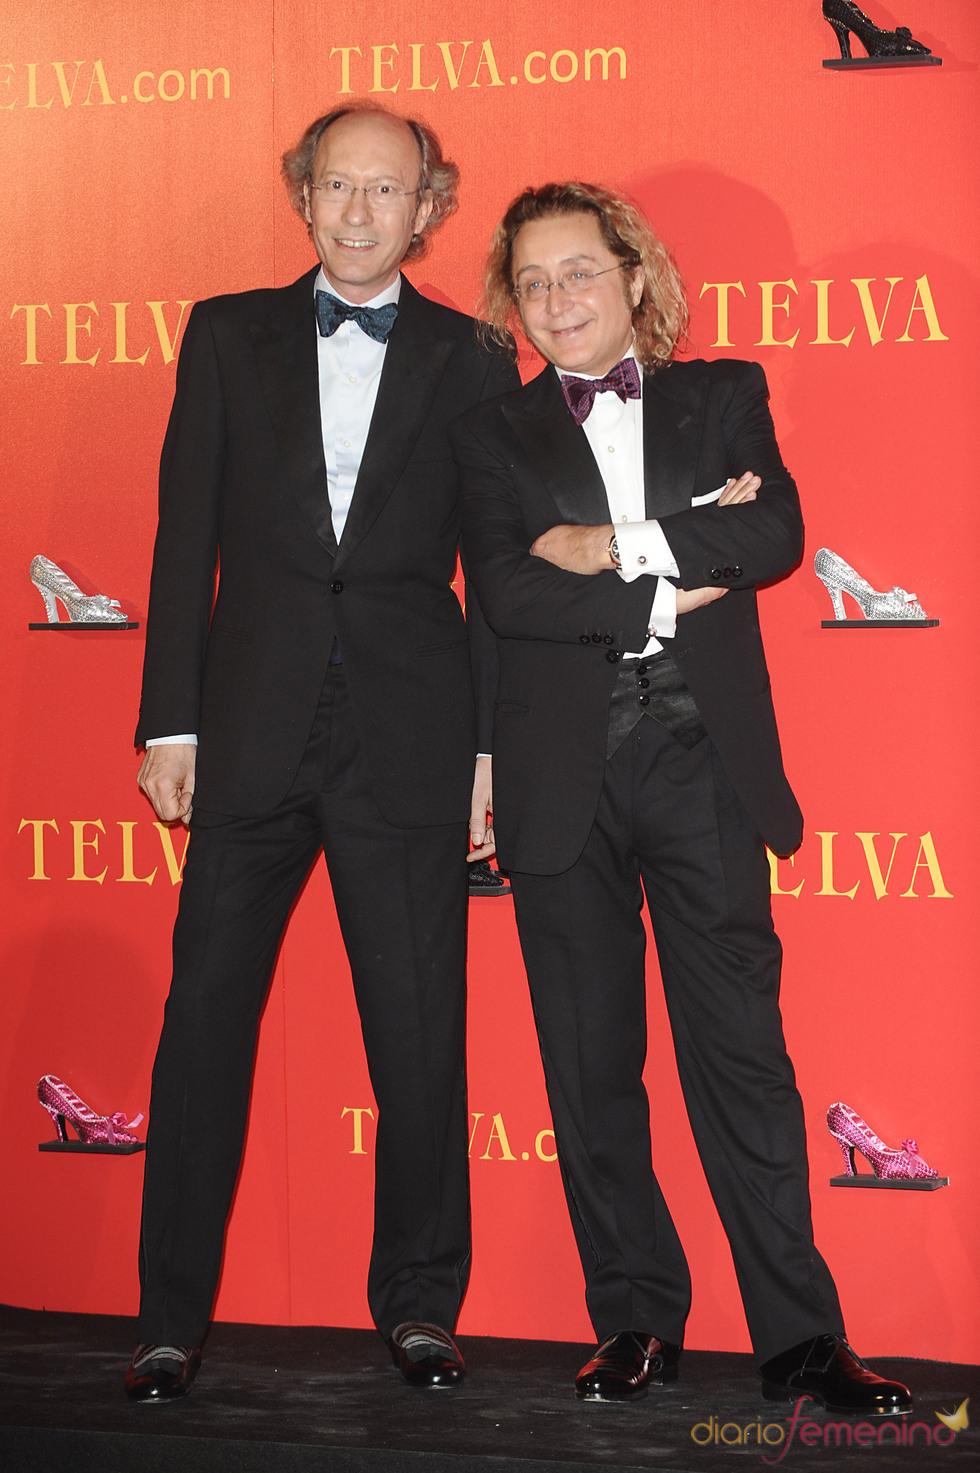 Vitorio y Lucchino en los Premios Telva 2010